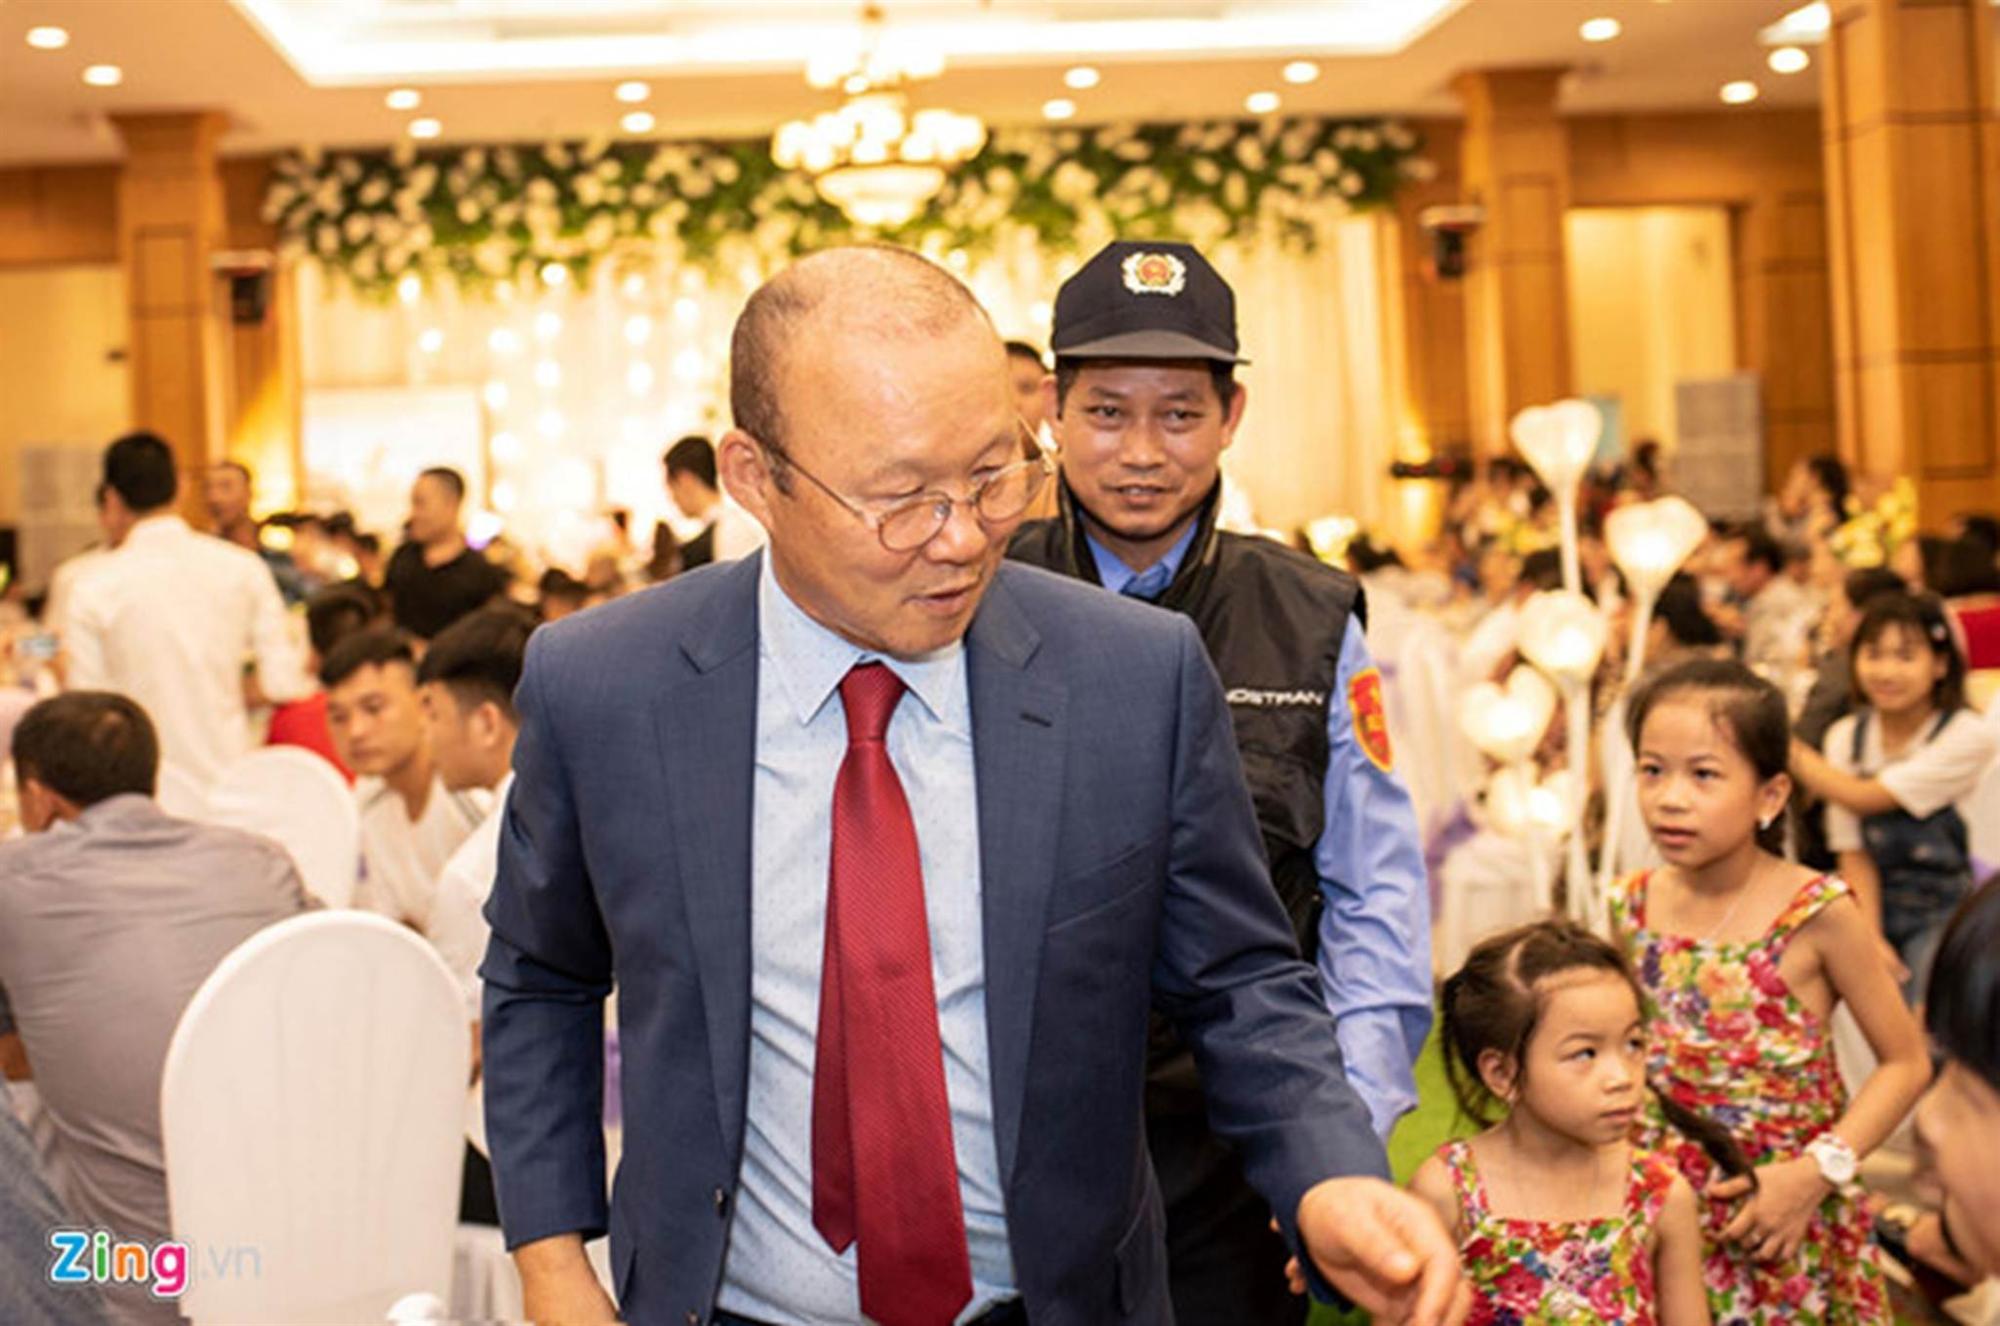 Thầy Park được 2 nhân viên bảo vệ theo sát tại lễ cưới Đỗ Hùng Dũng-5